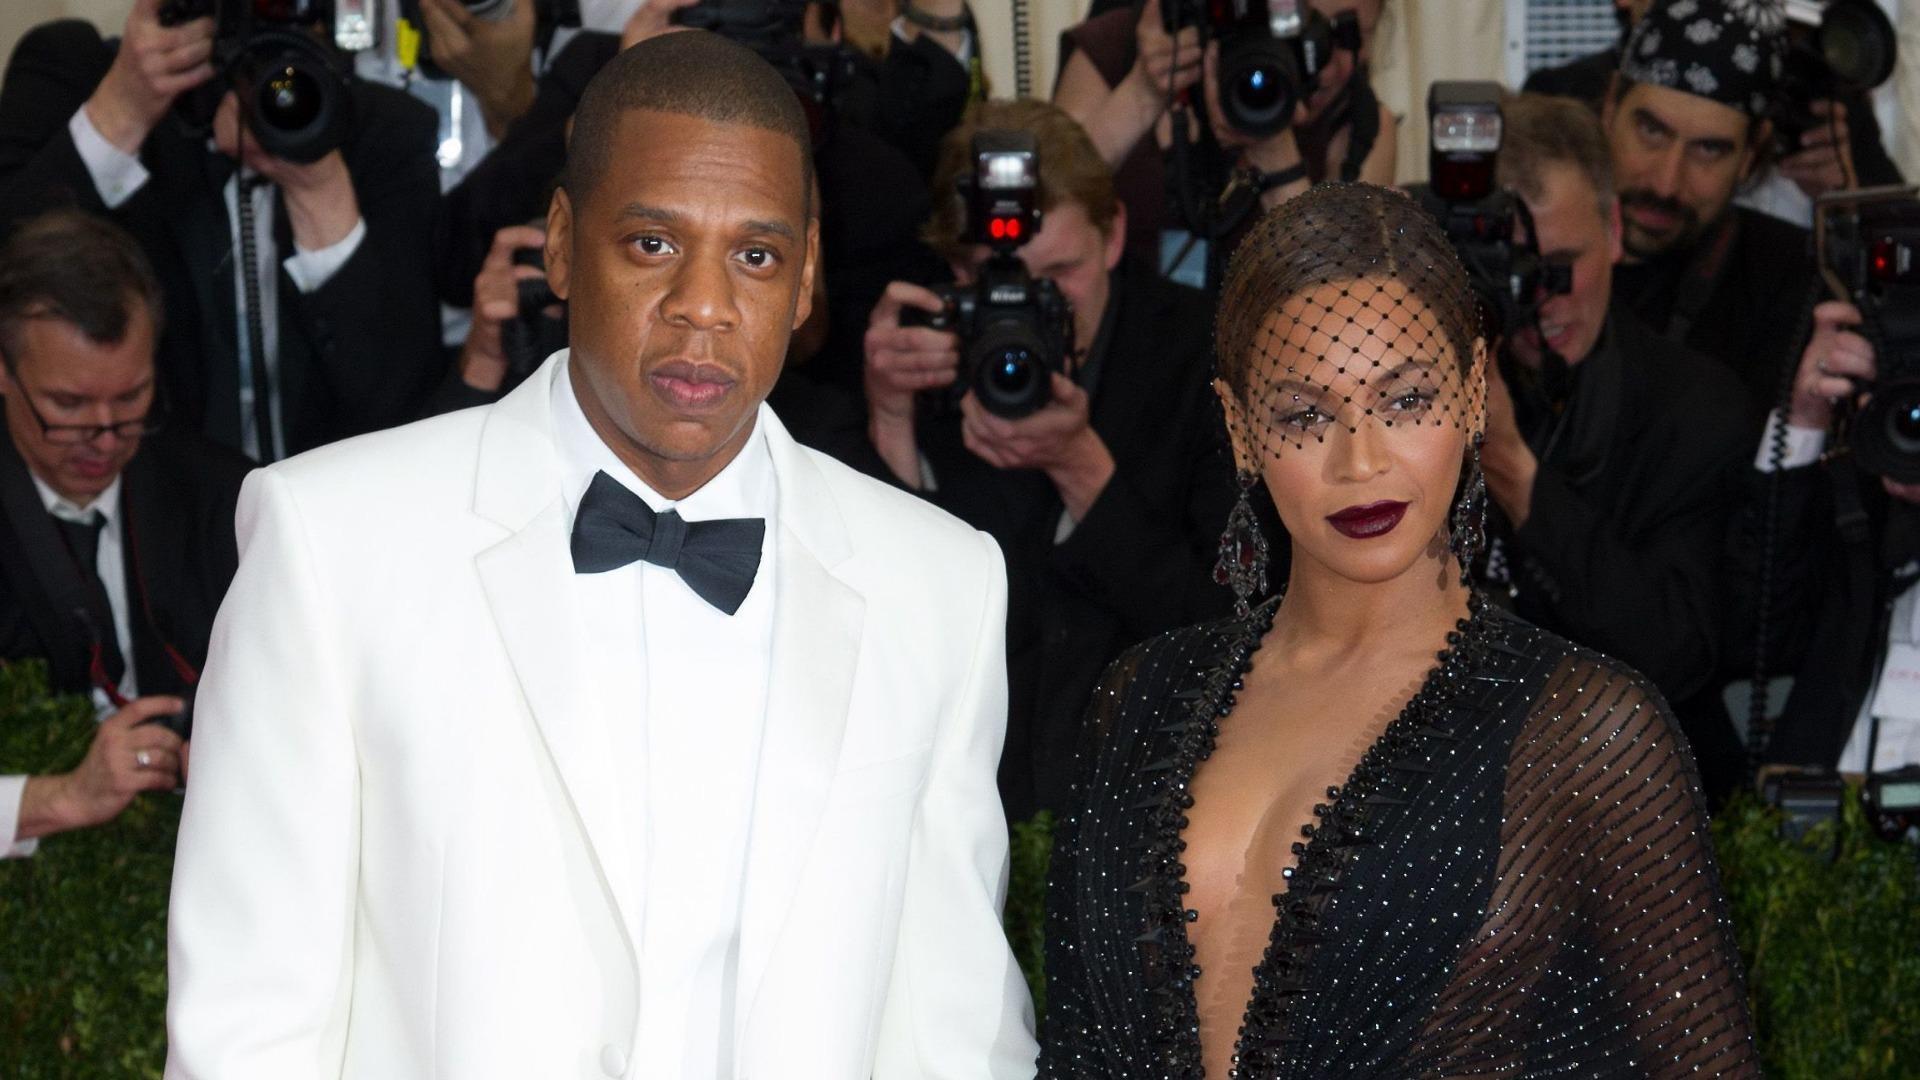 Beyoncé, Jay Z divorce rumors continue rolling in